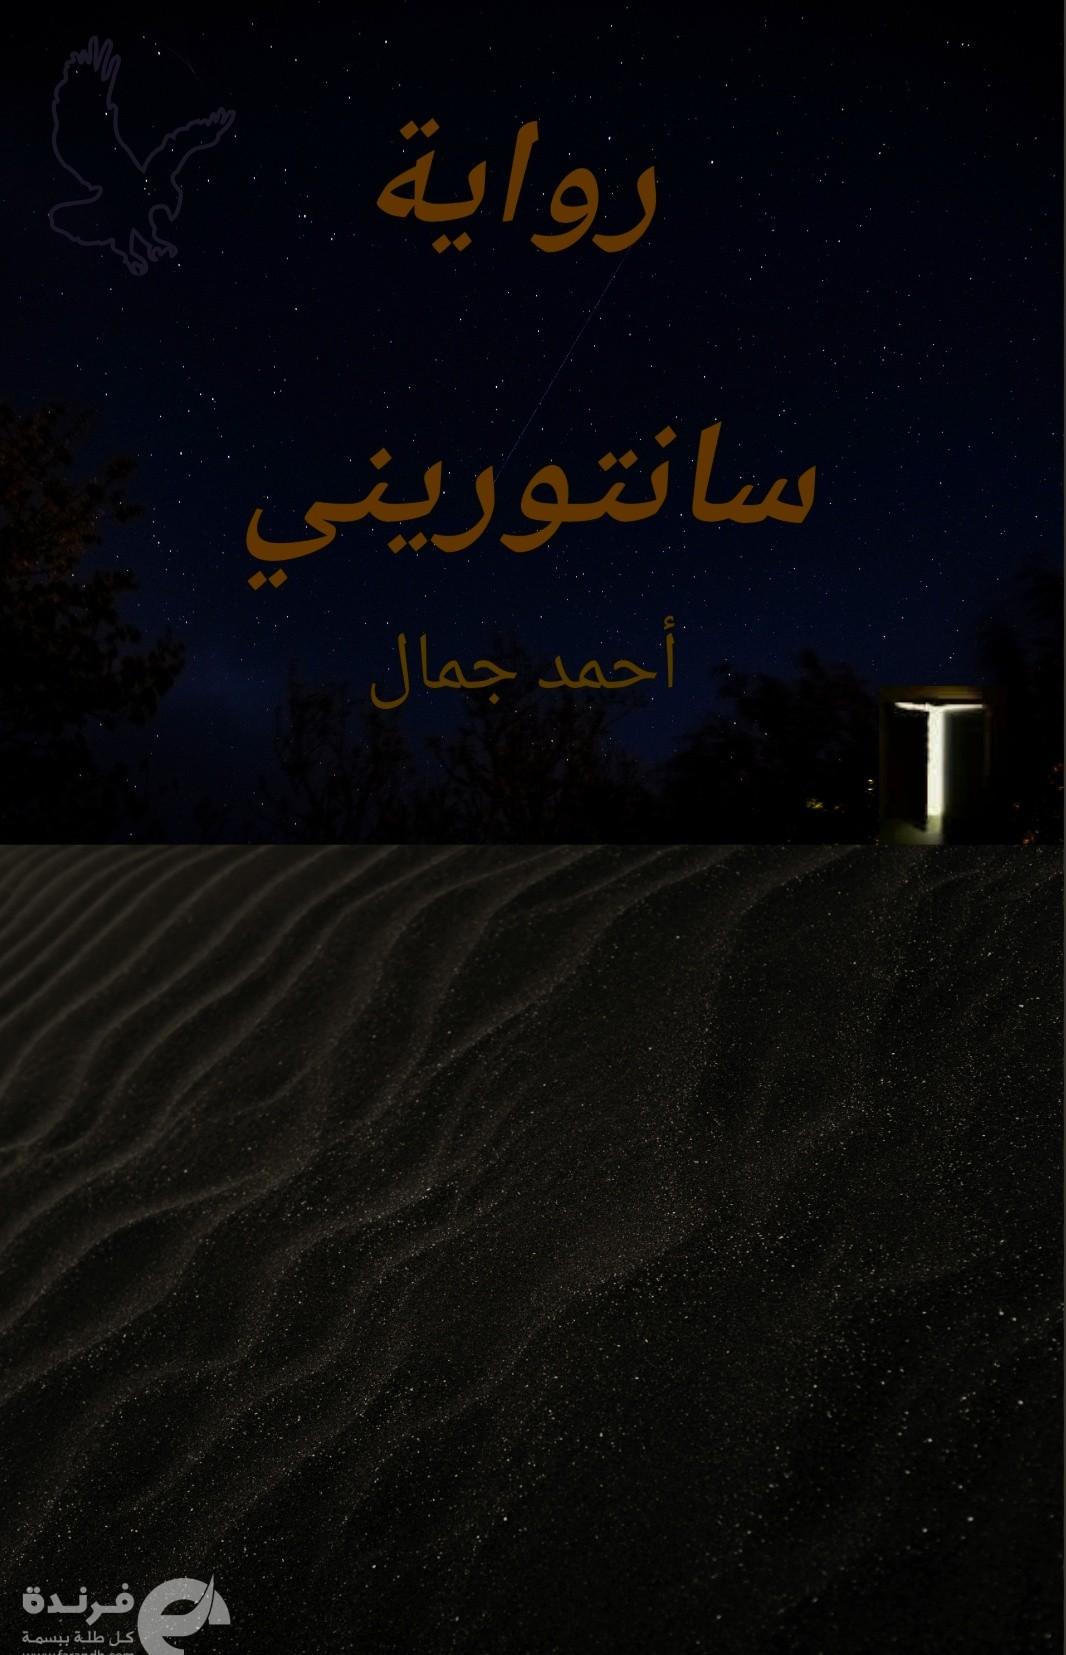 رواية سانتوريني للكاتب أحمد جمال (الجزء السابع) |مكتبة فرندة